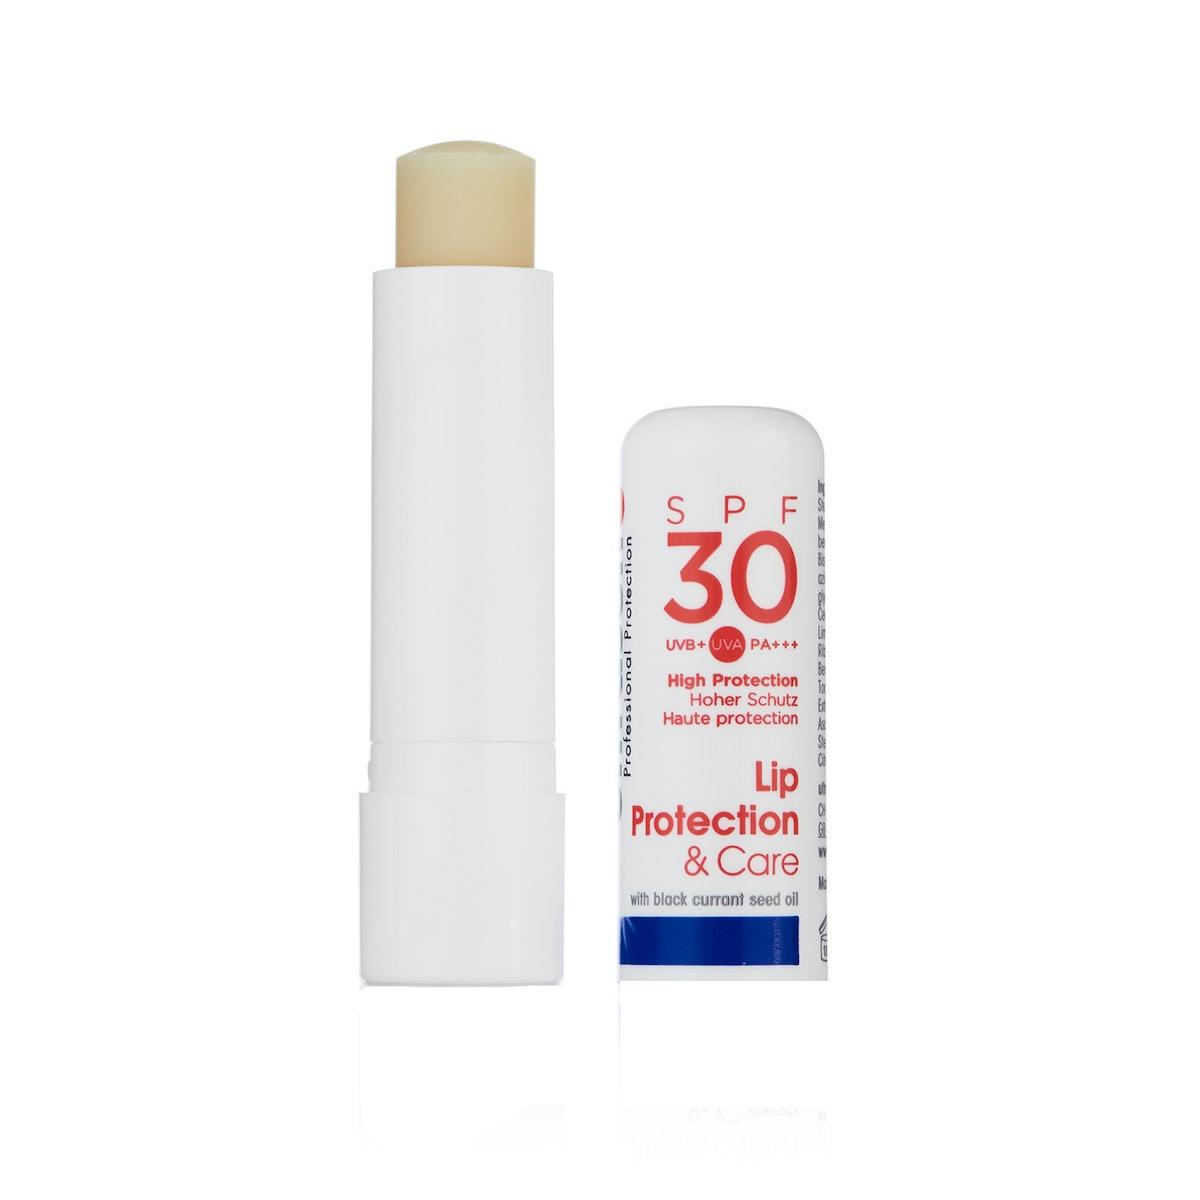 Ultrasun Lip Protection SPF 30